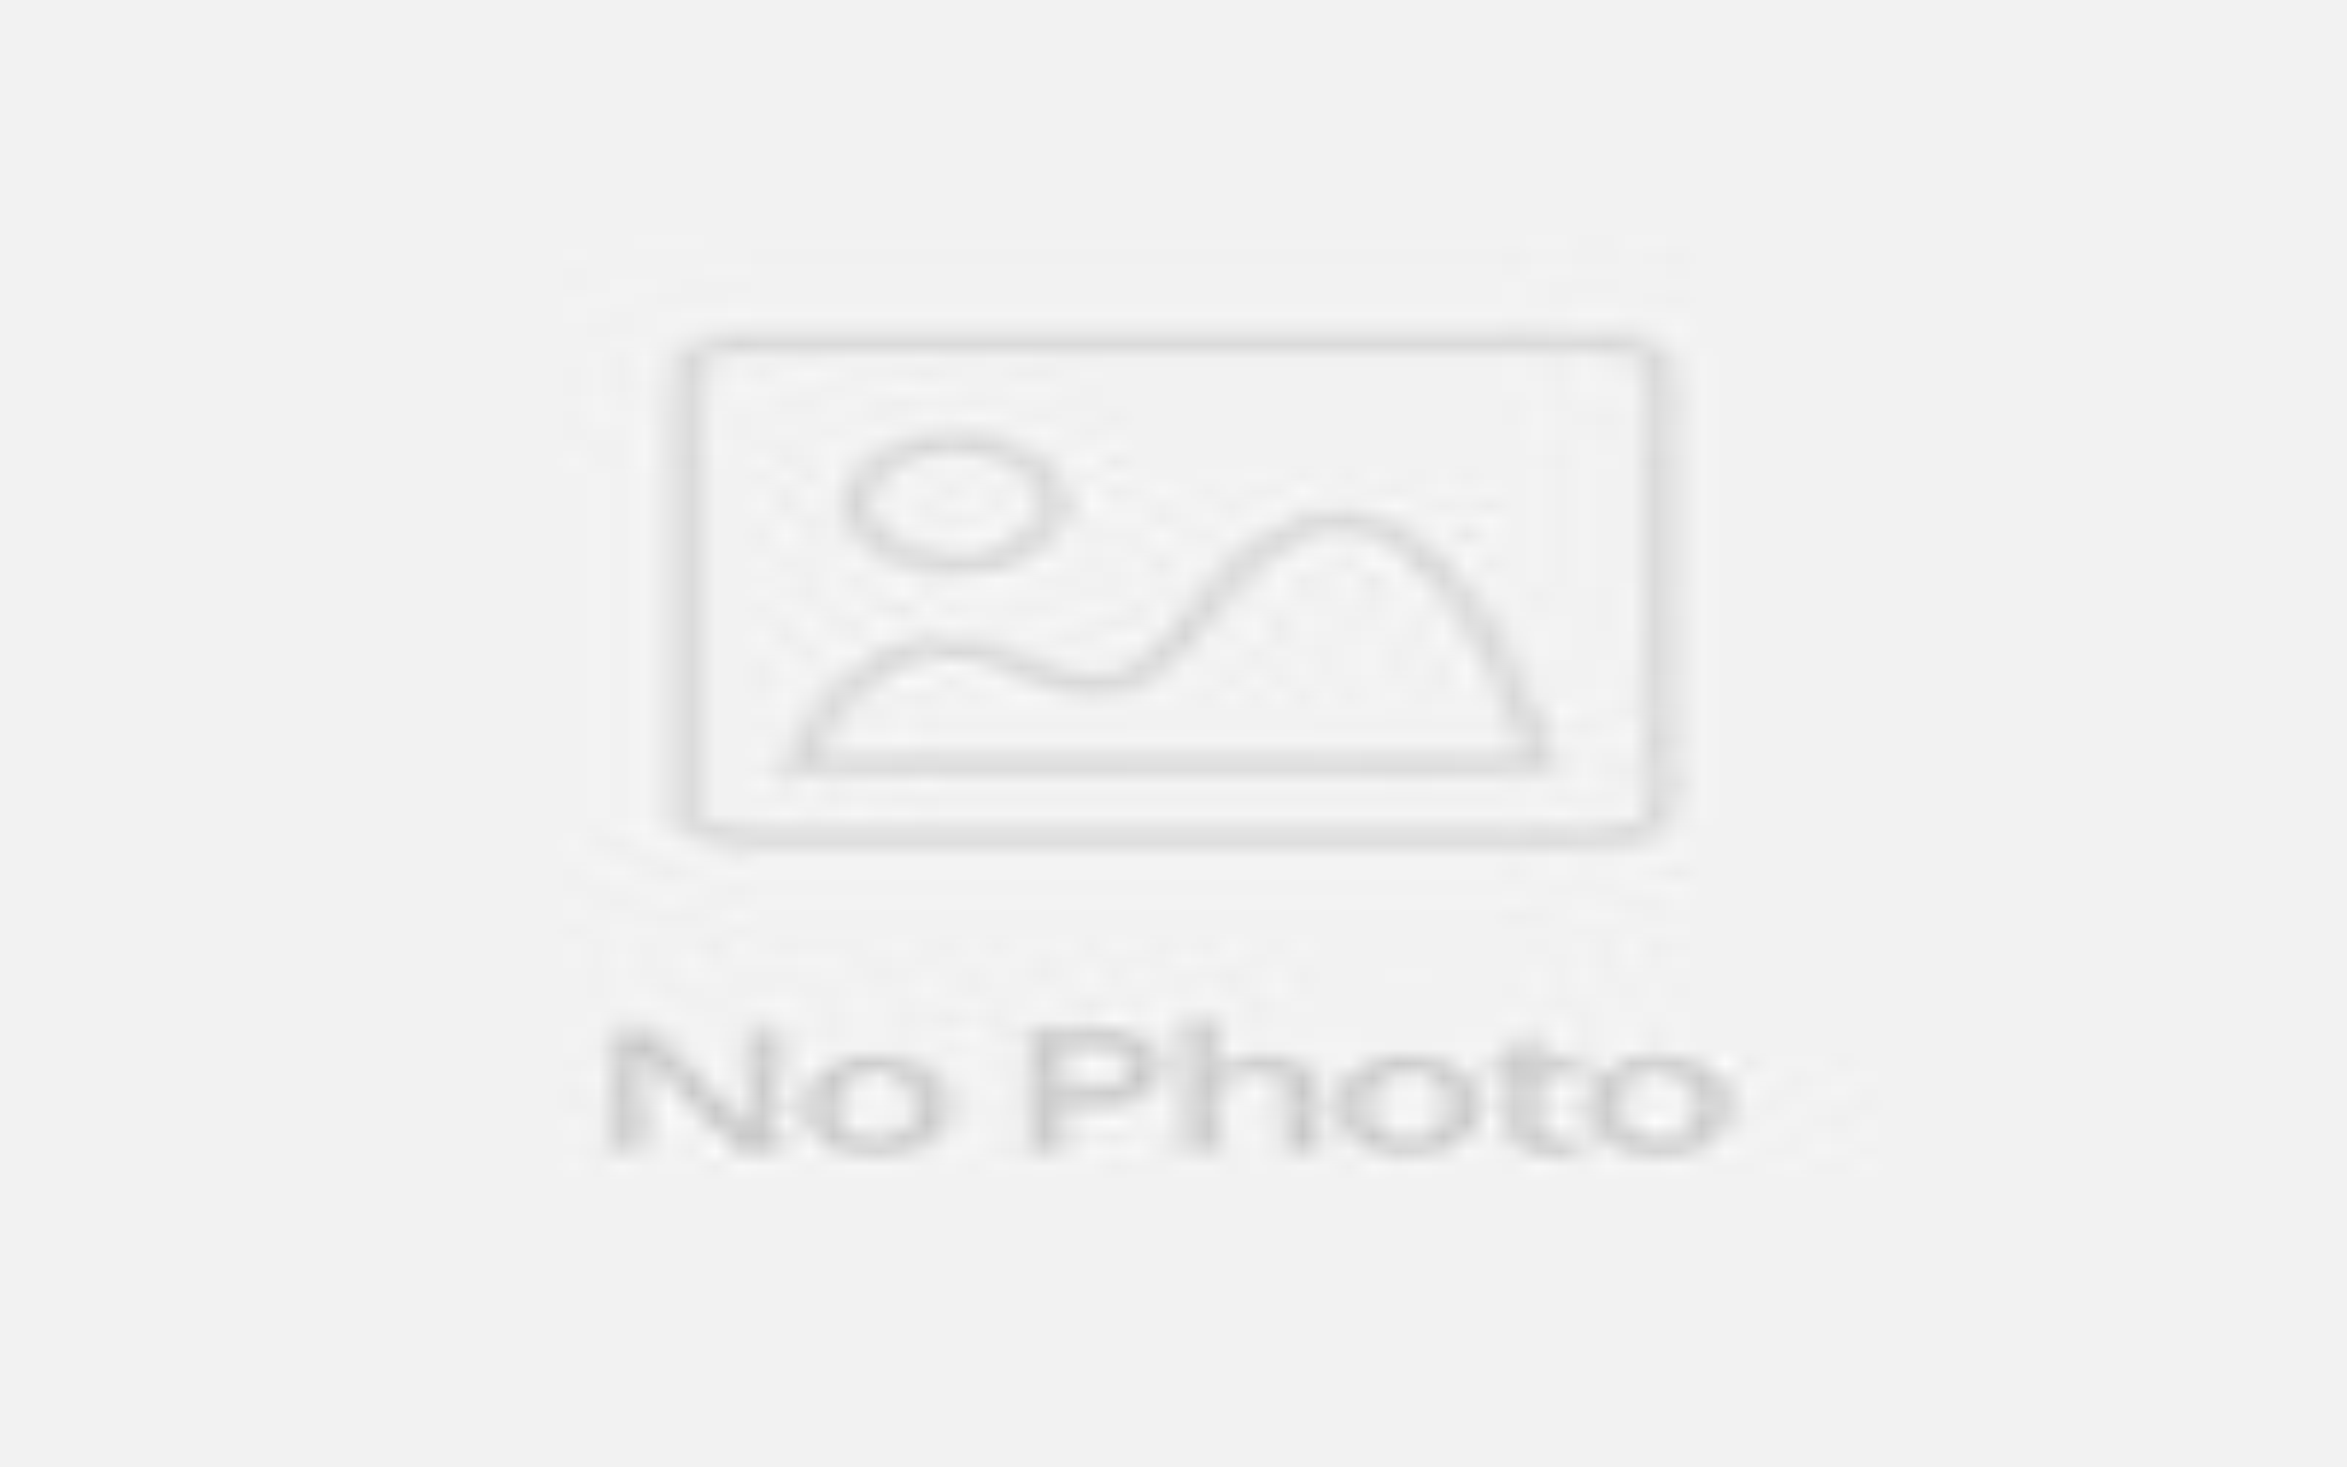 esporas  en el fondo? Hot-sale-high-quality-LED-T8-tube-Lamps-Led-daylighting-Led-3528-SMD-daylighting-Led-light